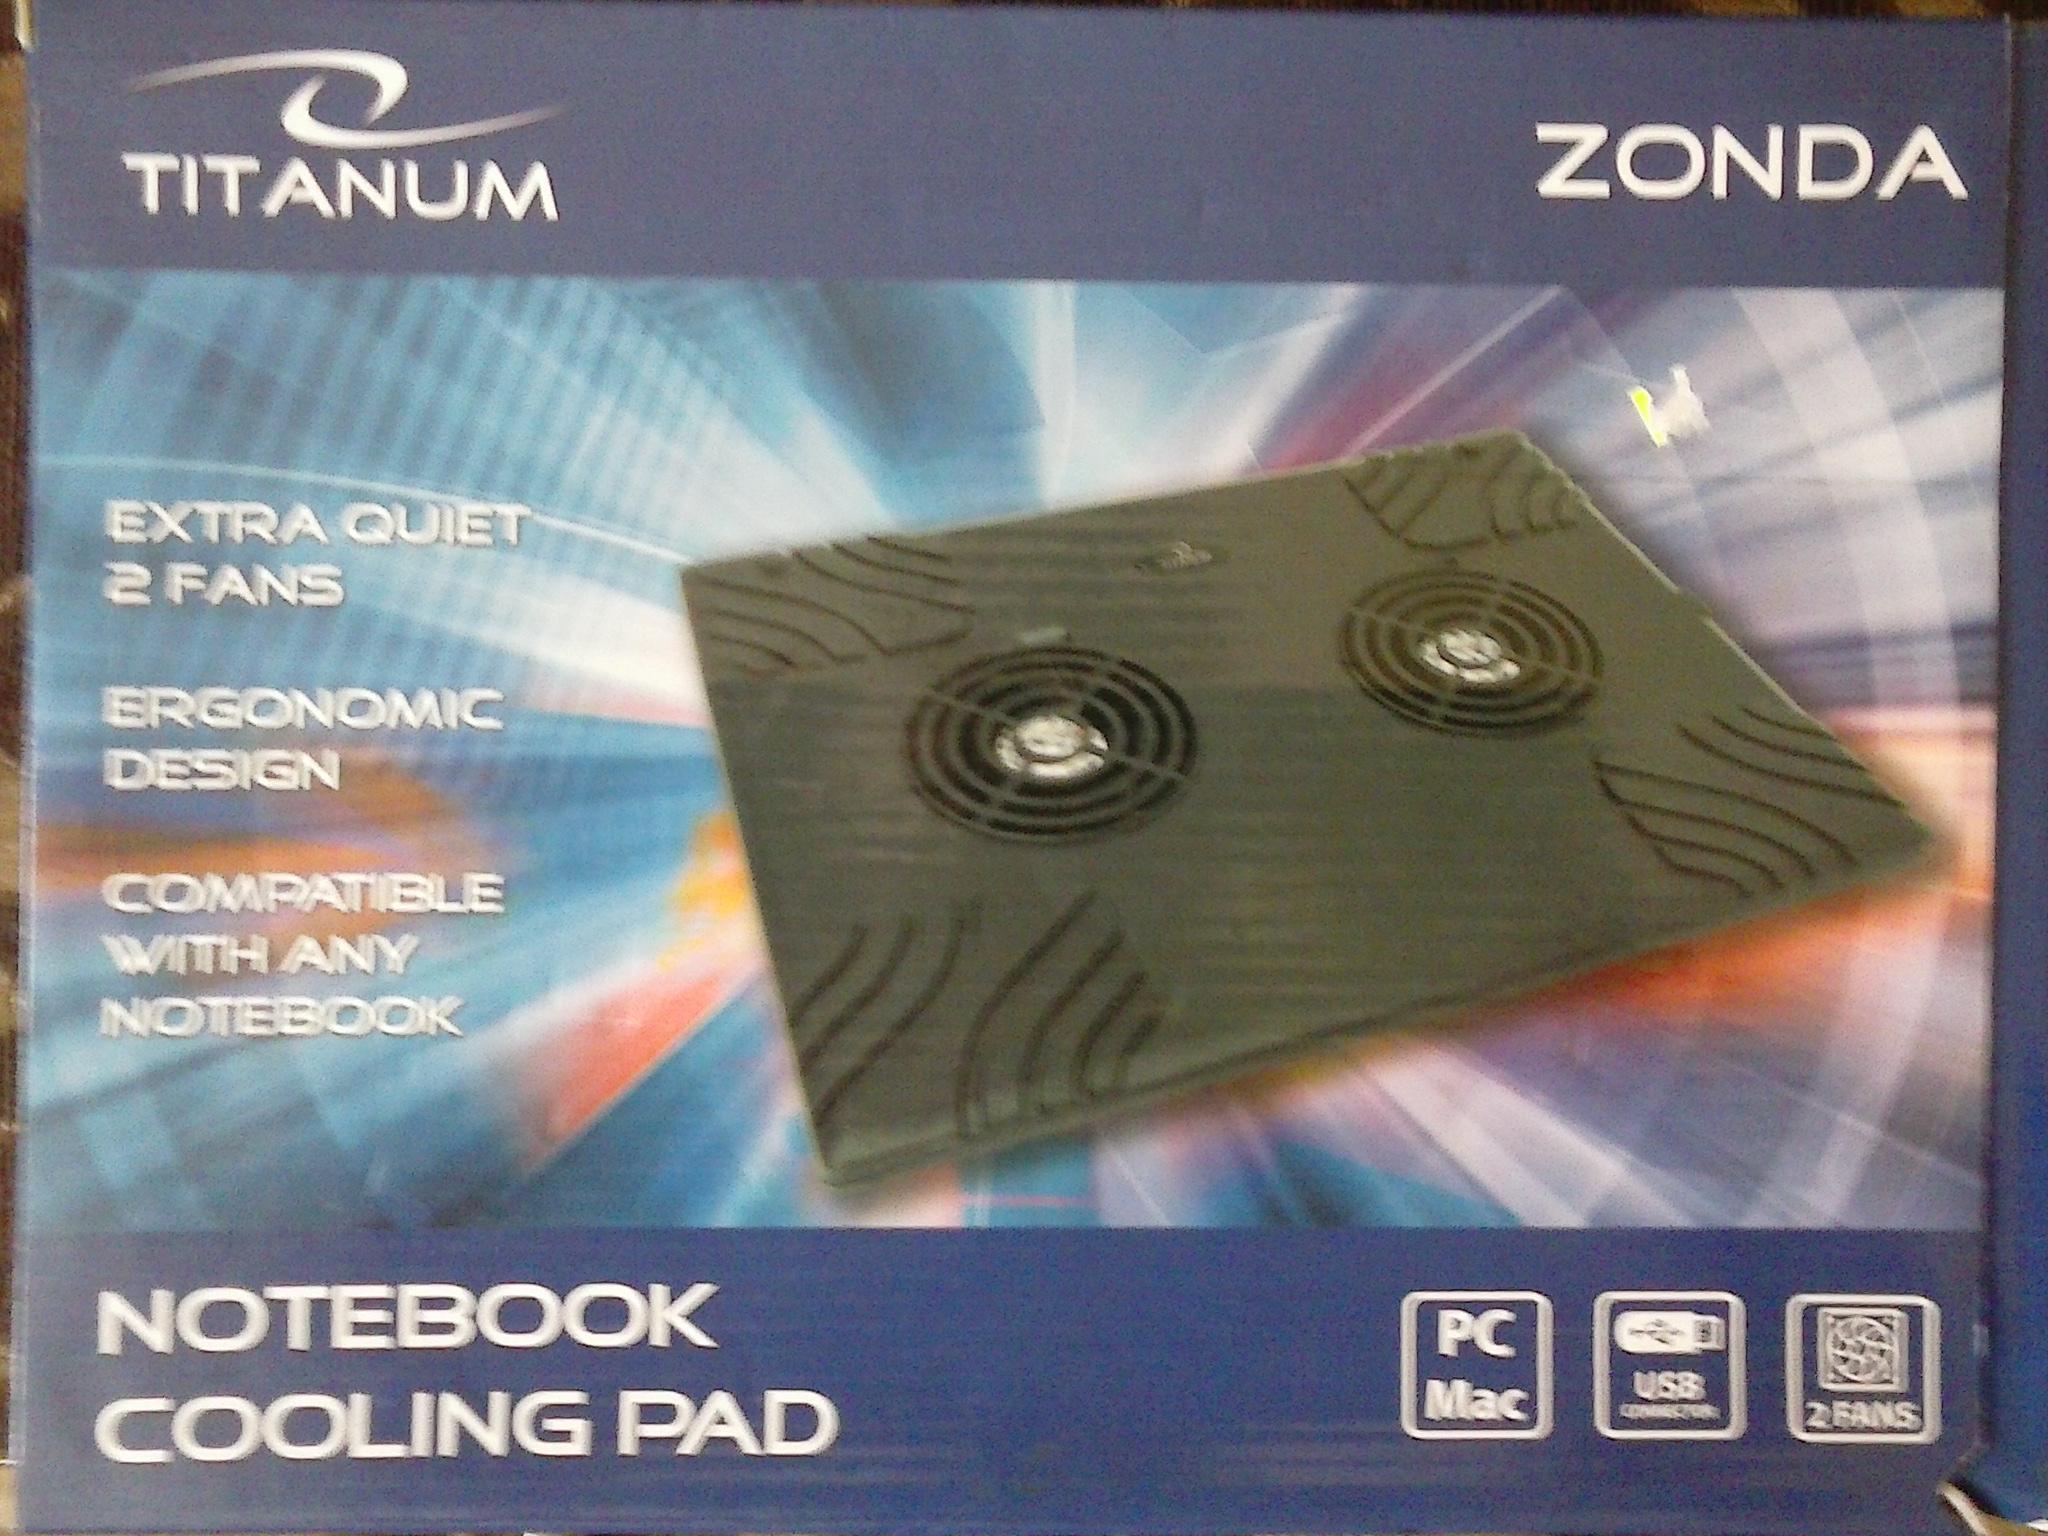 Охлаждающая подкладка под ноутбук. TITANUM. ZONDA